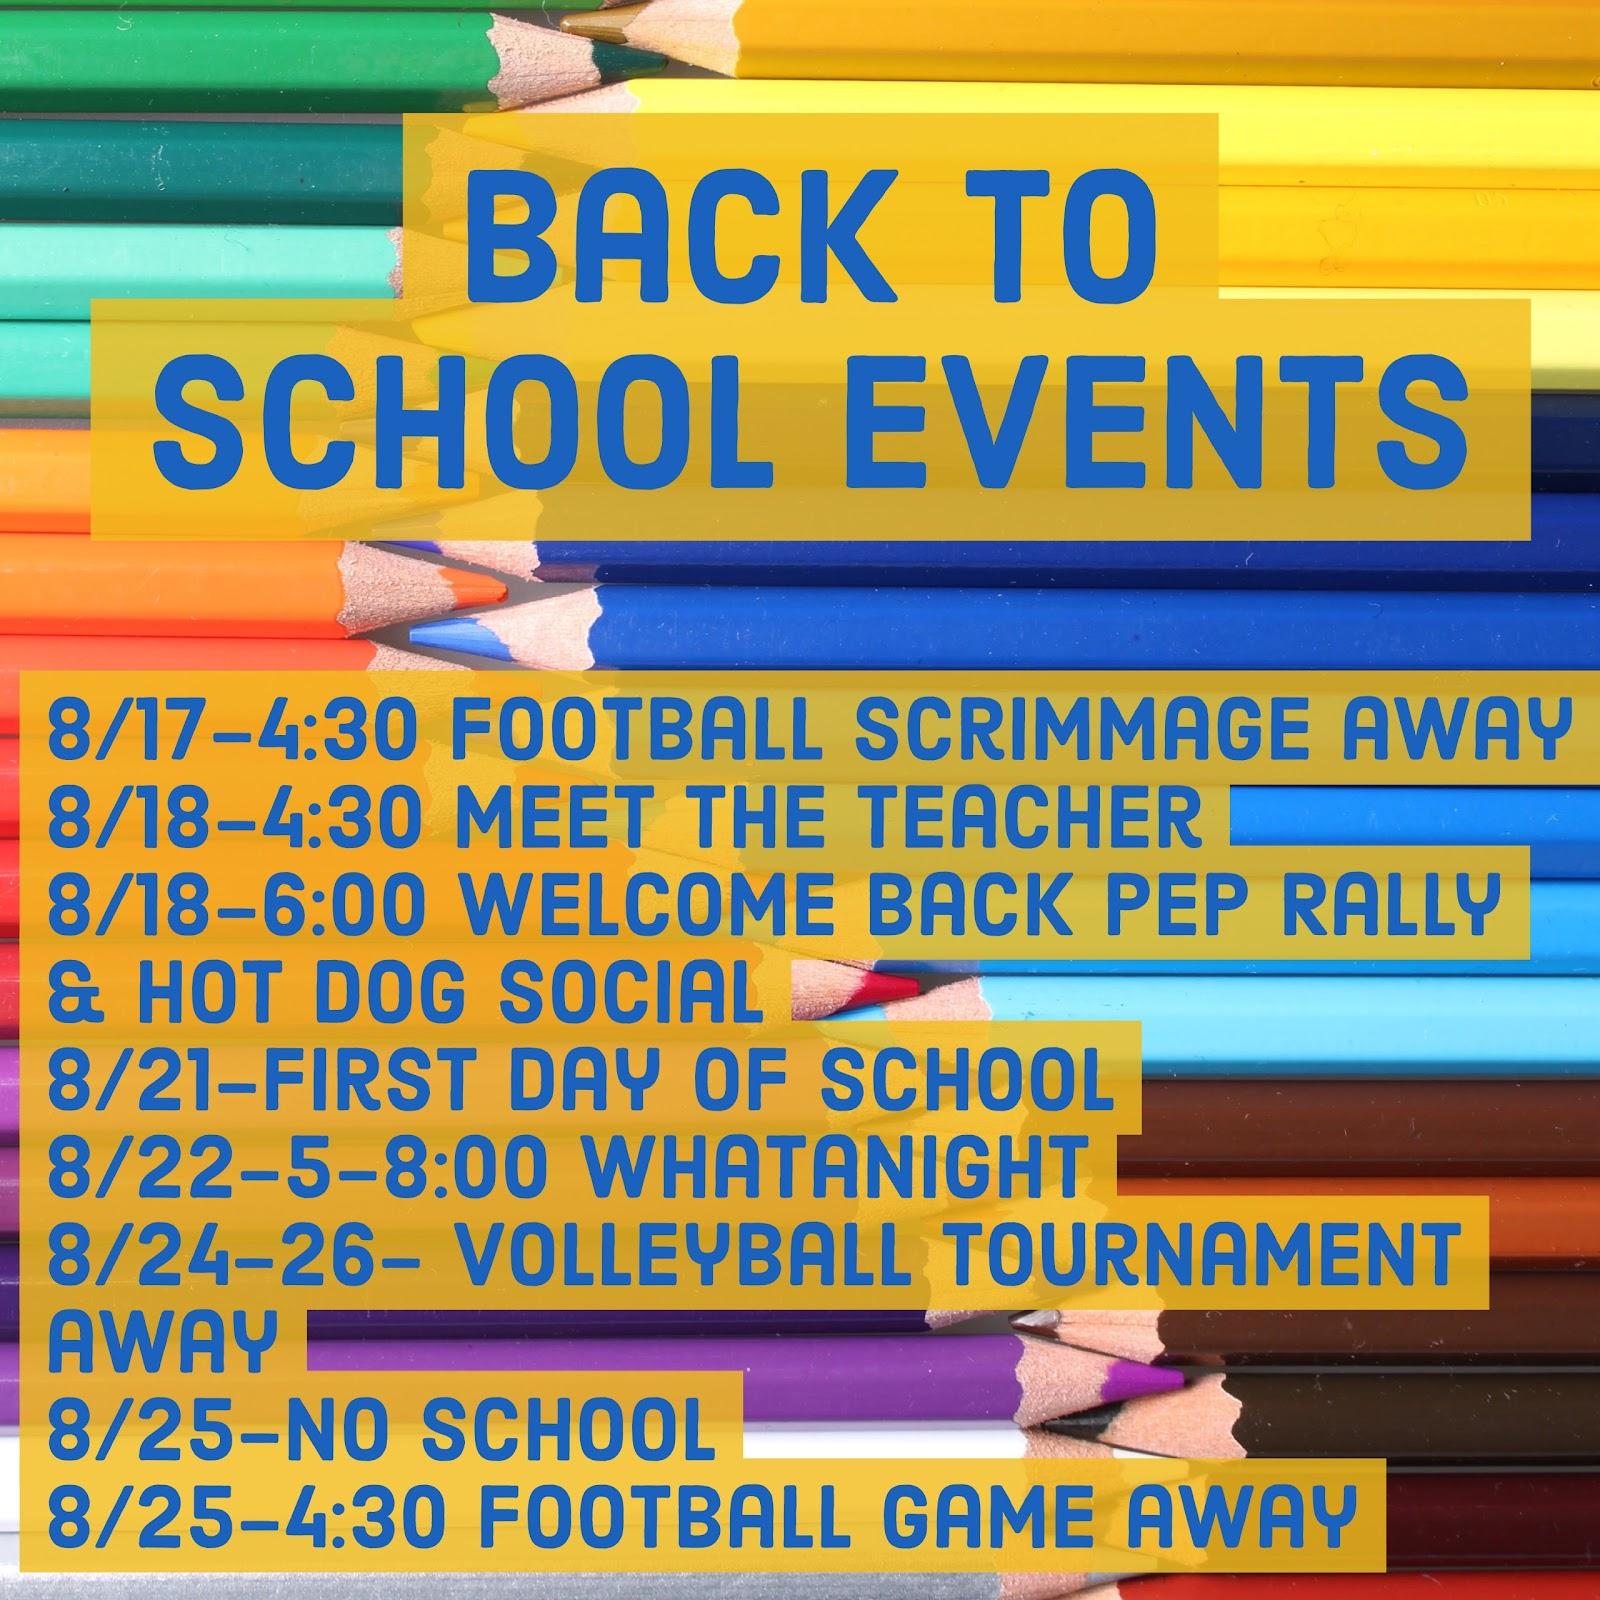 back to school schedule.jpg